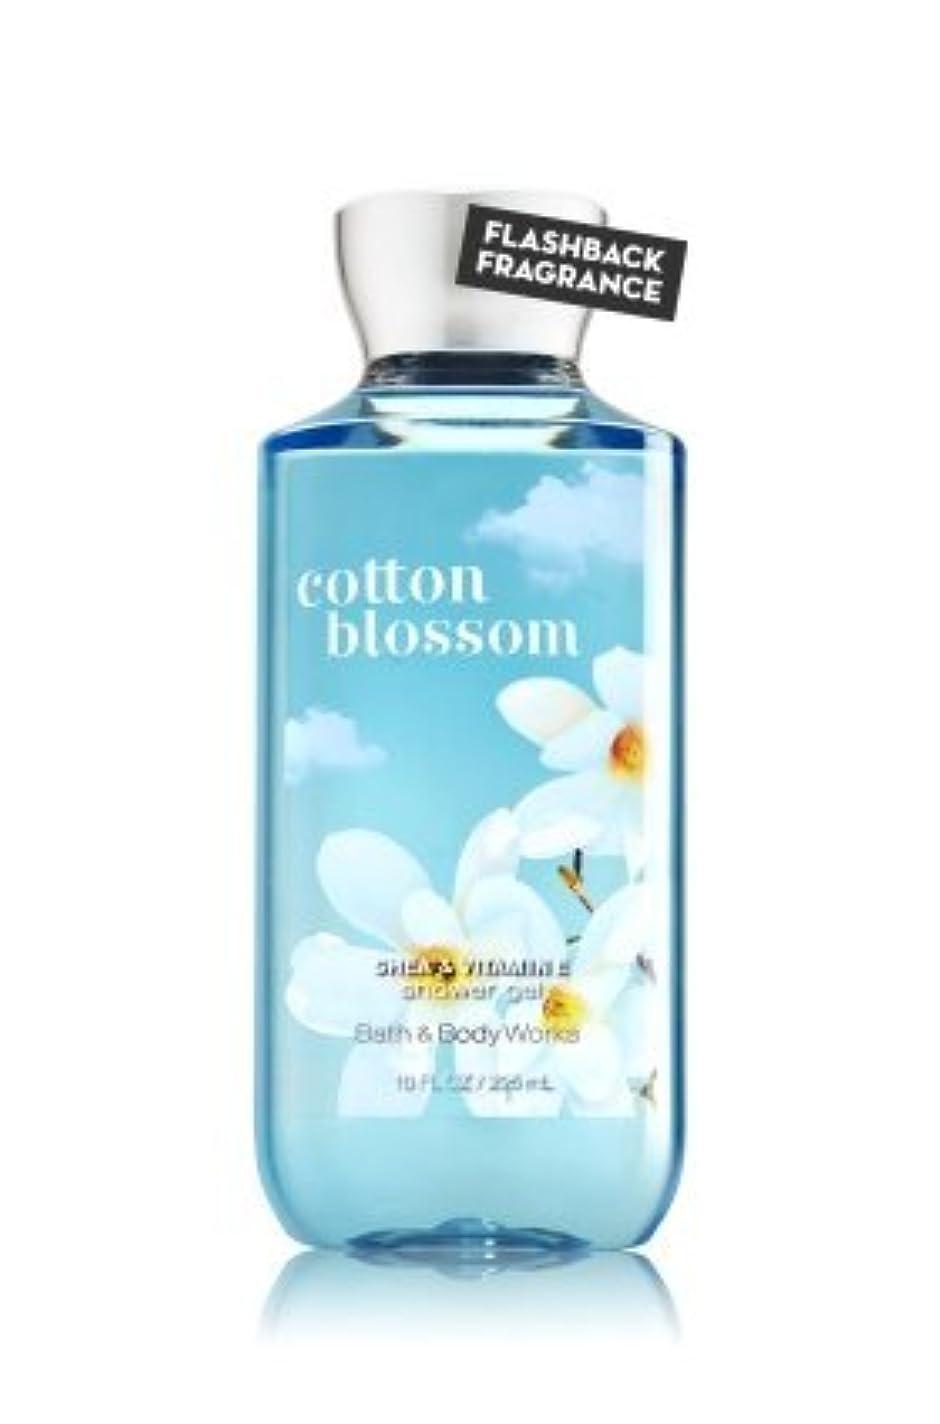 に頼るセイはさておき愛人【Bath&Body Works/バス&ボディワークス】 シャワージェル コットンブロッサム Shower Gel Cotton Blossom 10 fl oz / 295 mL [並行輸入品]